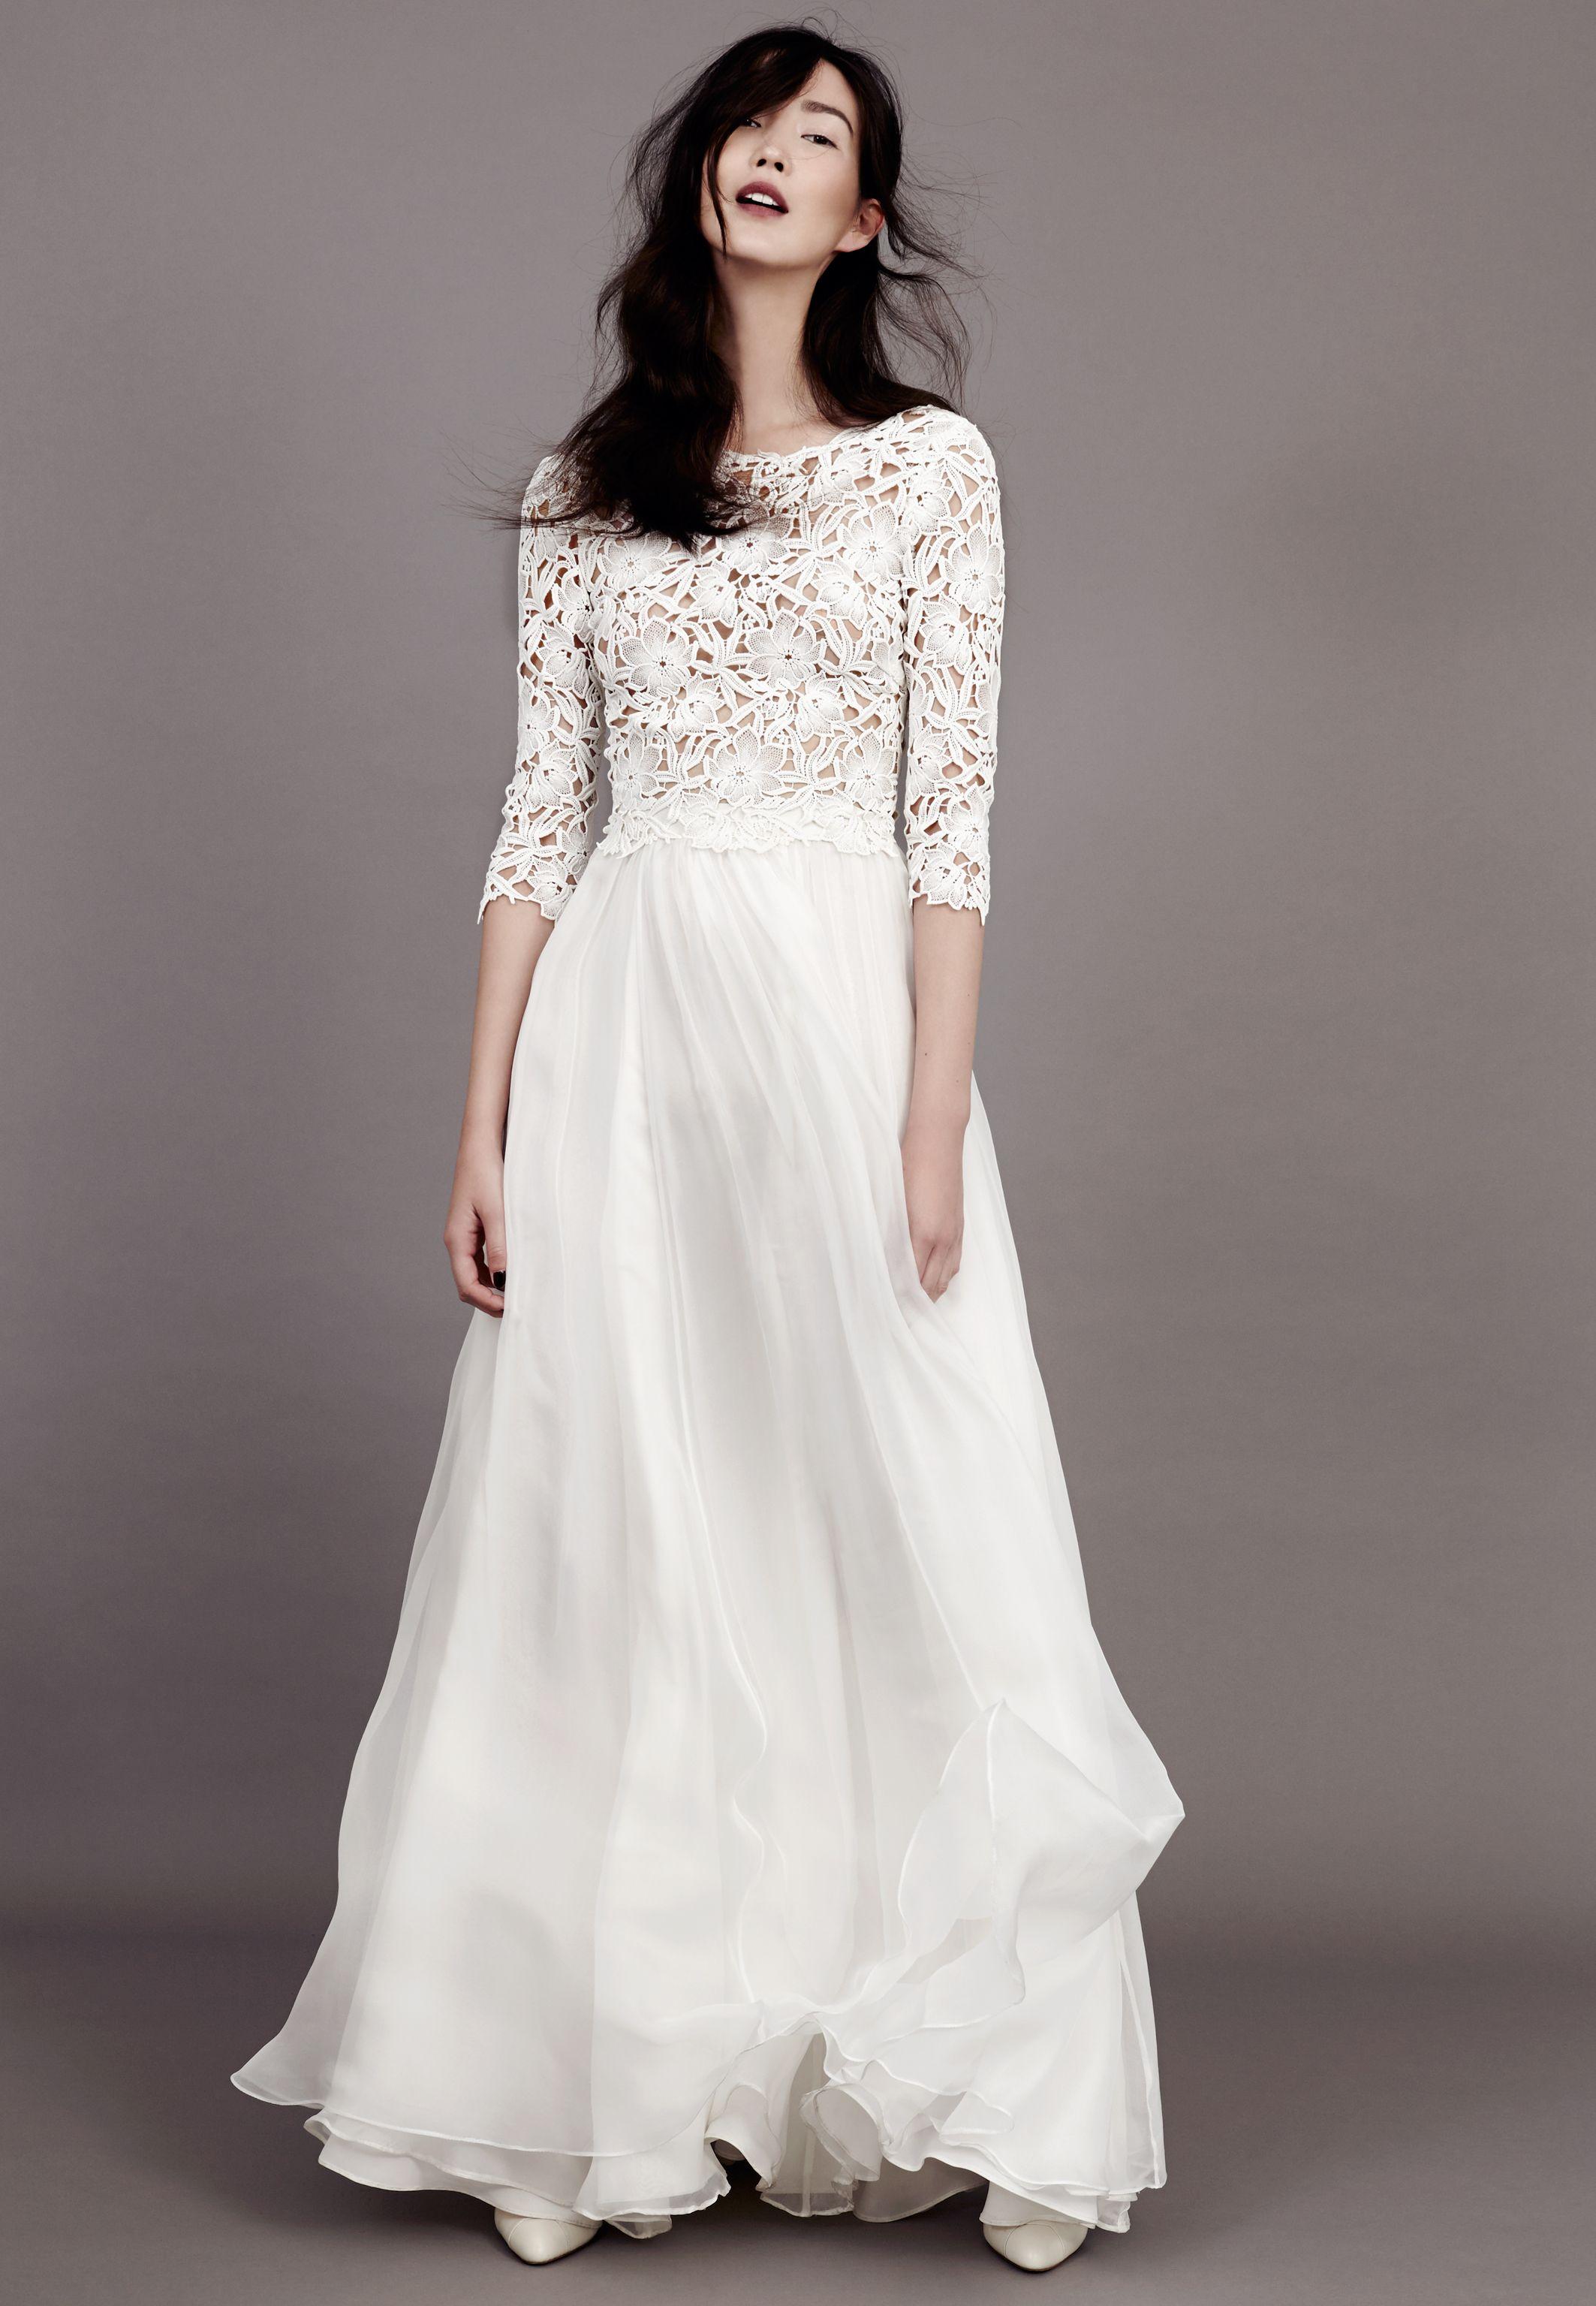 Kavier gauche papillon duamour romantic fashion haute couture